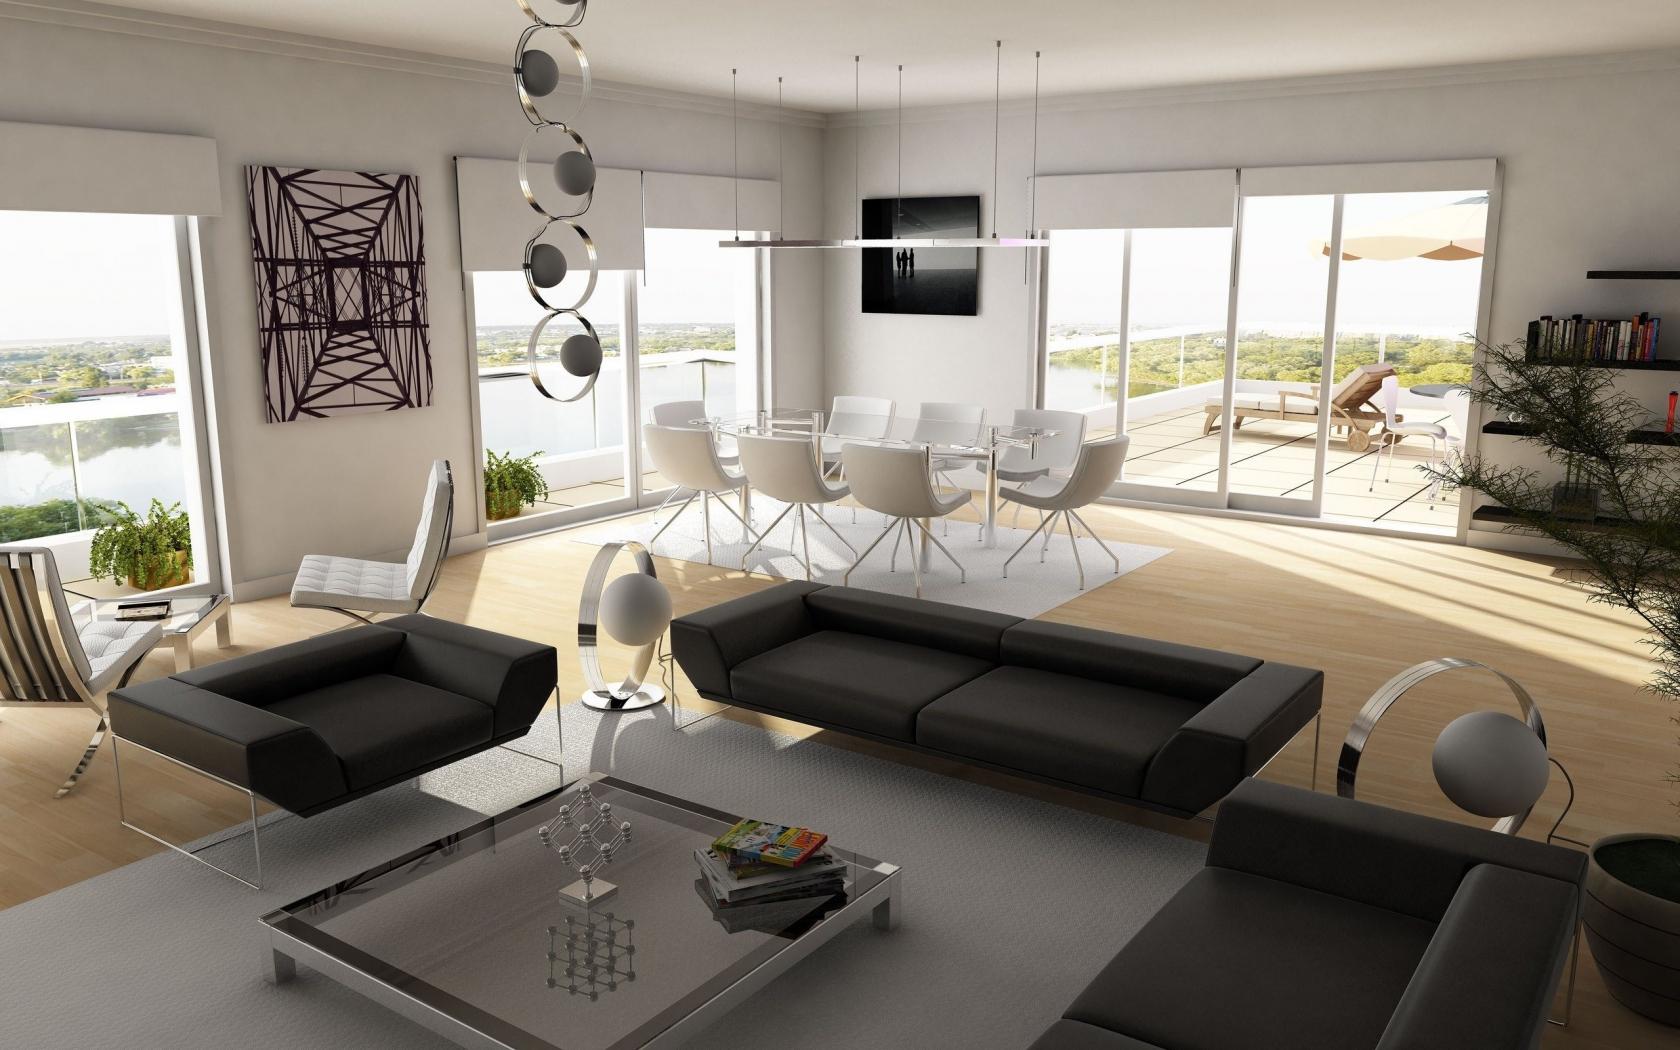 Diseño interior de una casa de campo - 1680x1050